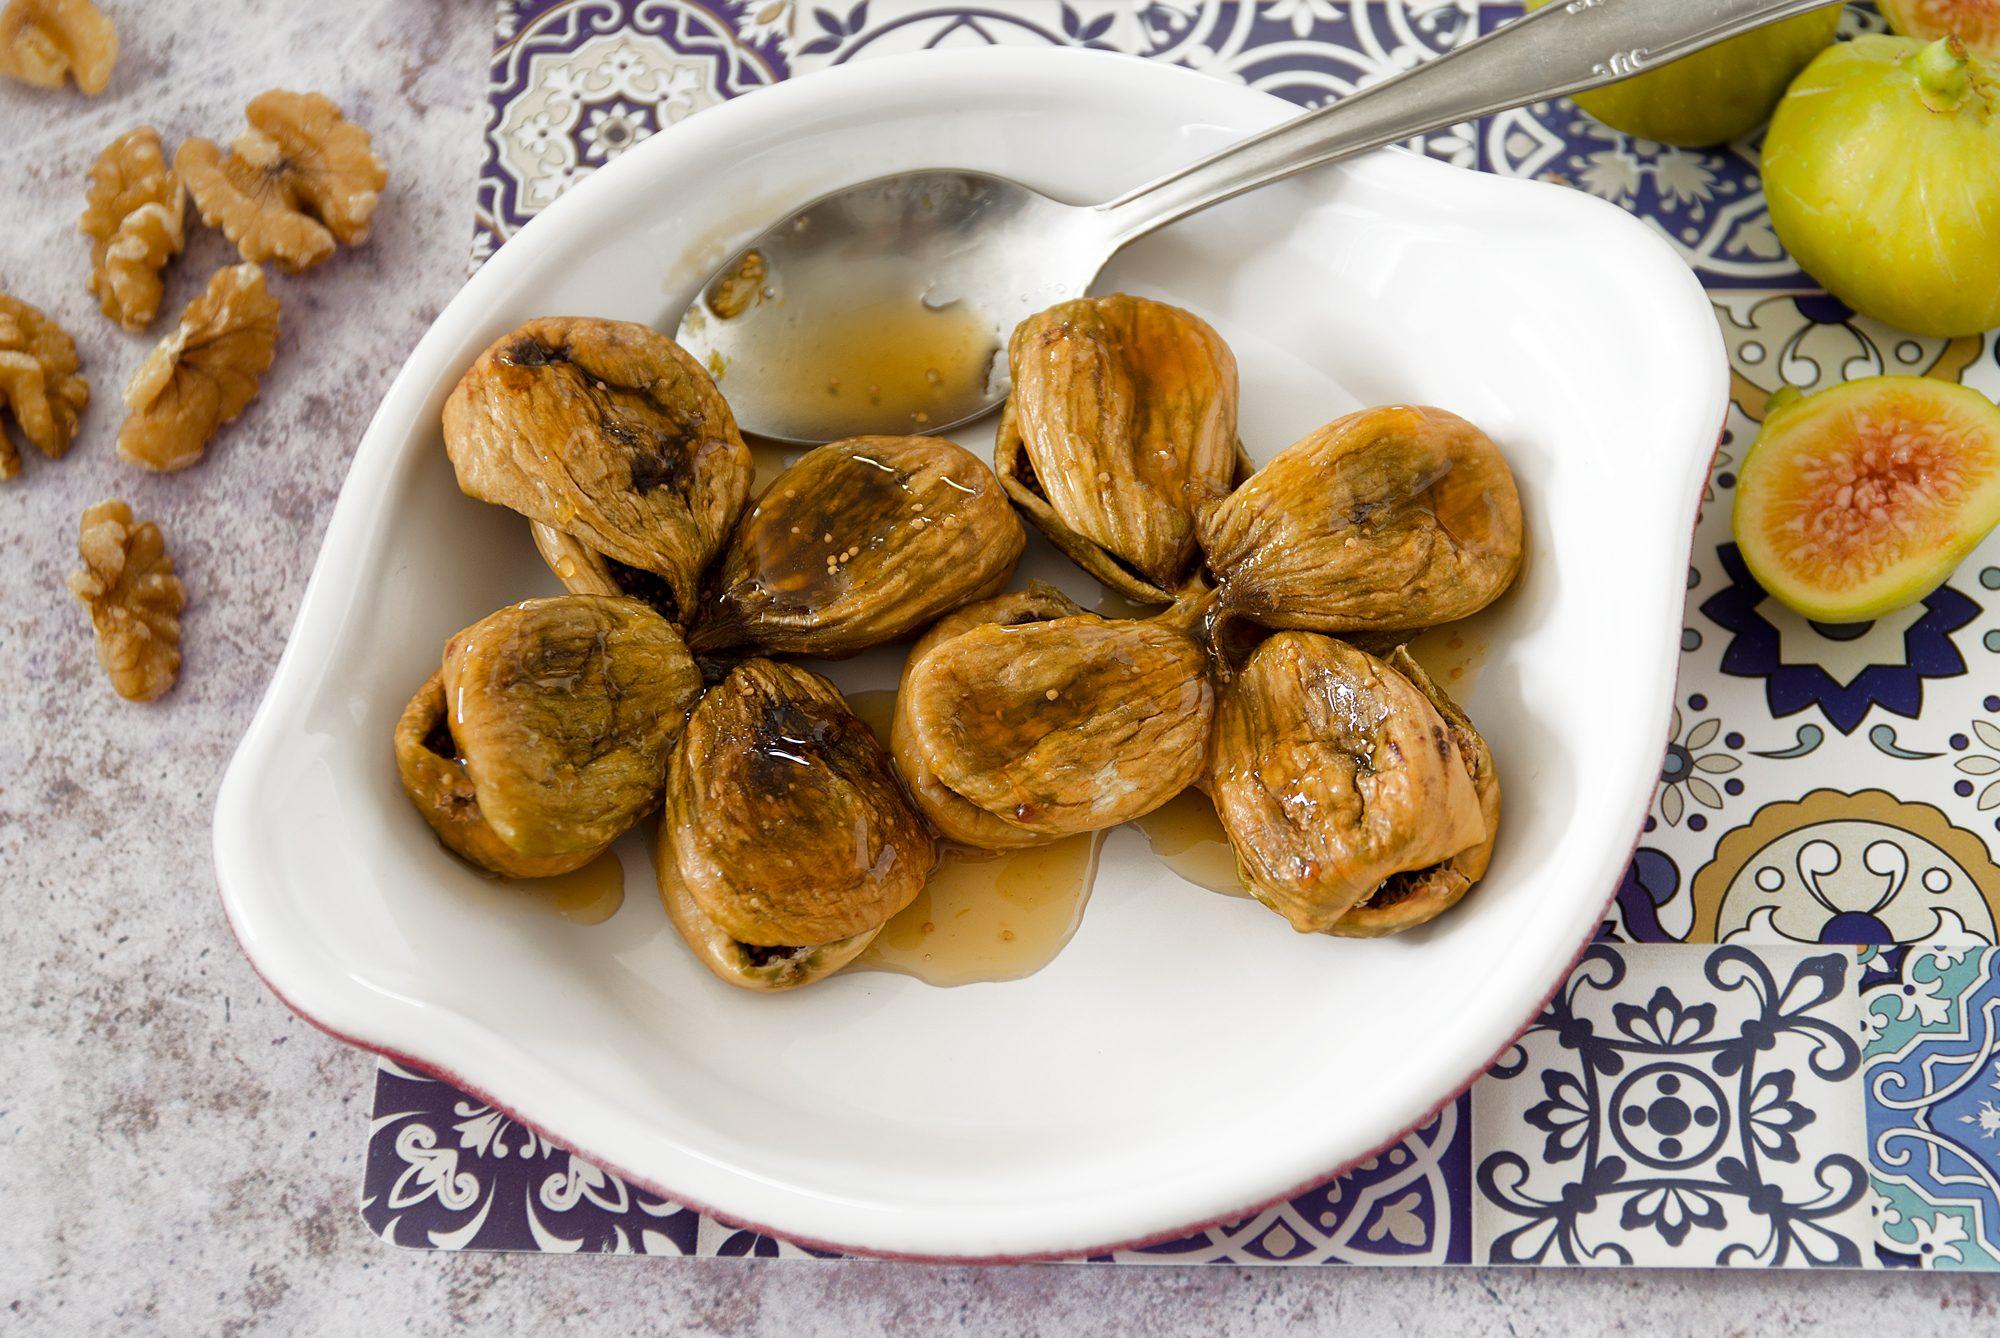 Crocette di fichi: la ricetta tipica della tradizione calabrese